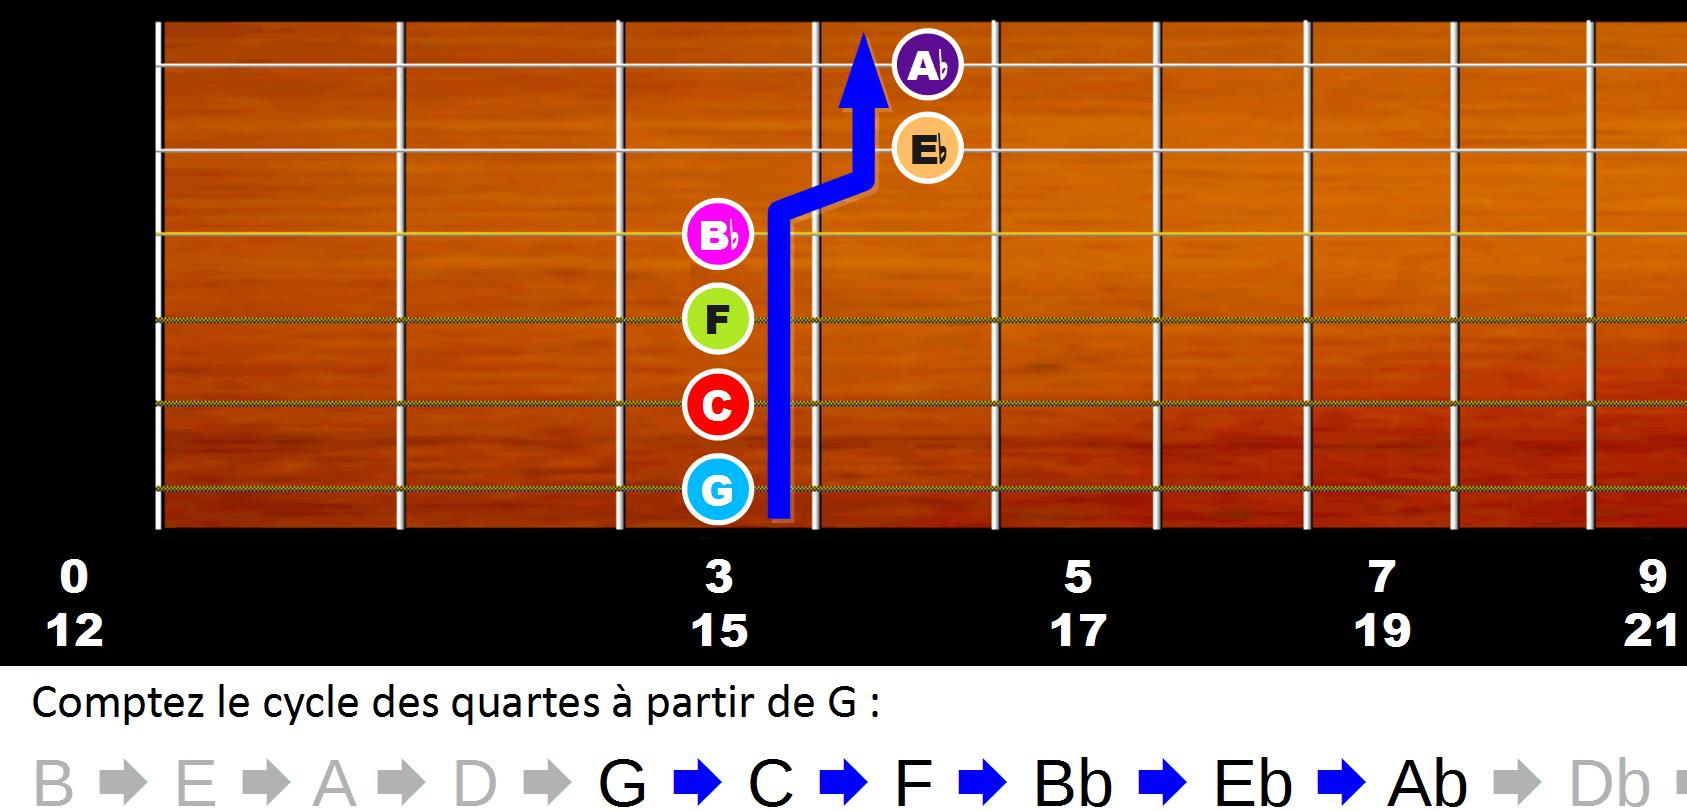 Trouver le nom des notes sur le manche en comptant les quartes justes à partir de la note G